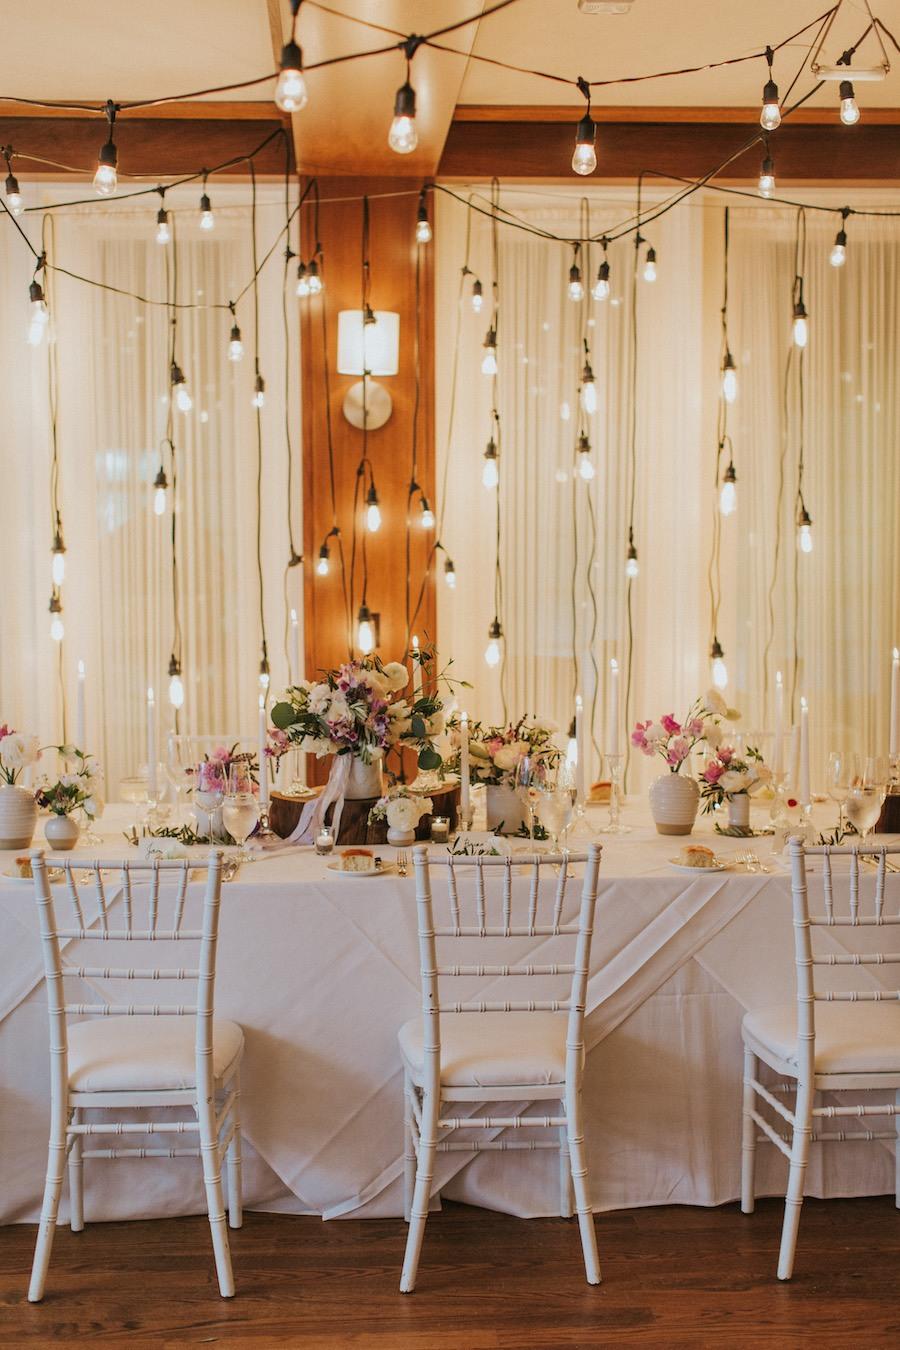 woodstock inn wedding